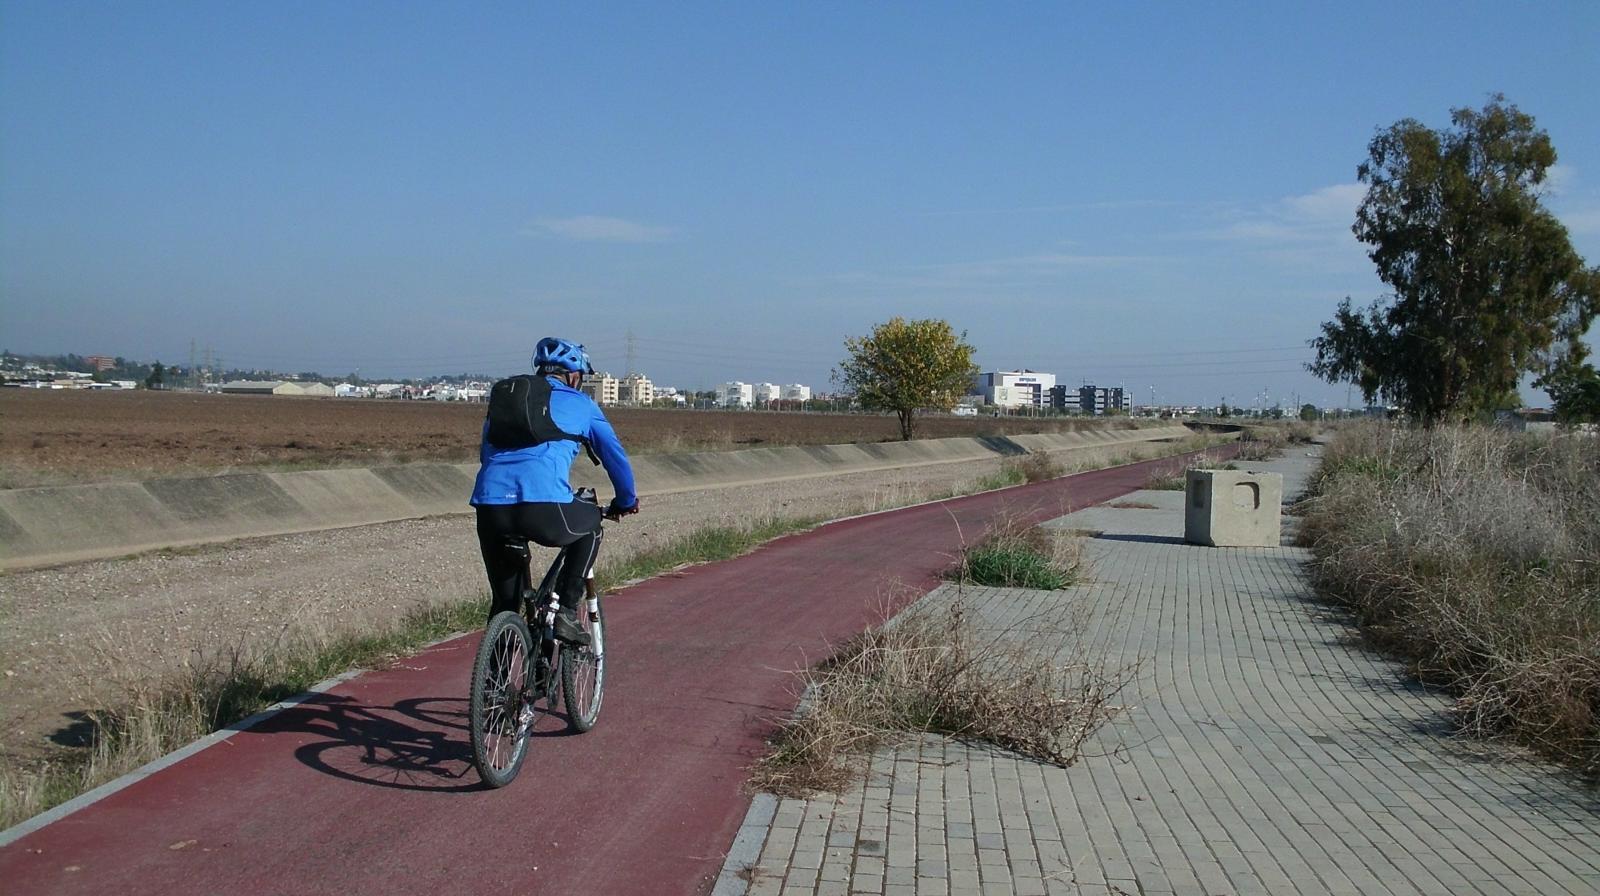 La Federación de Asociaciones Vecinales Al-Zahara reprocha al Ayuntamiento el anuncio de ejecución de obras sin consenso, esta vez, las del carril bici